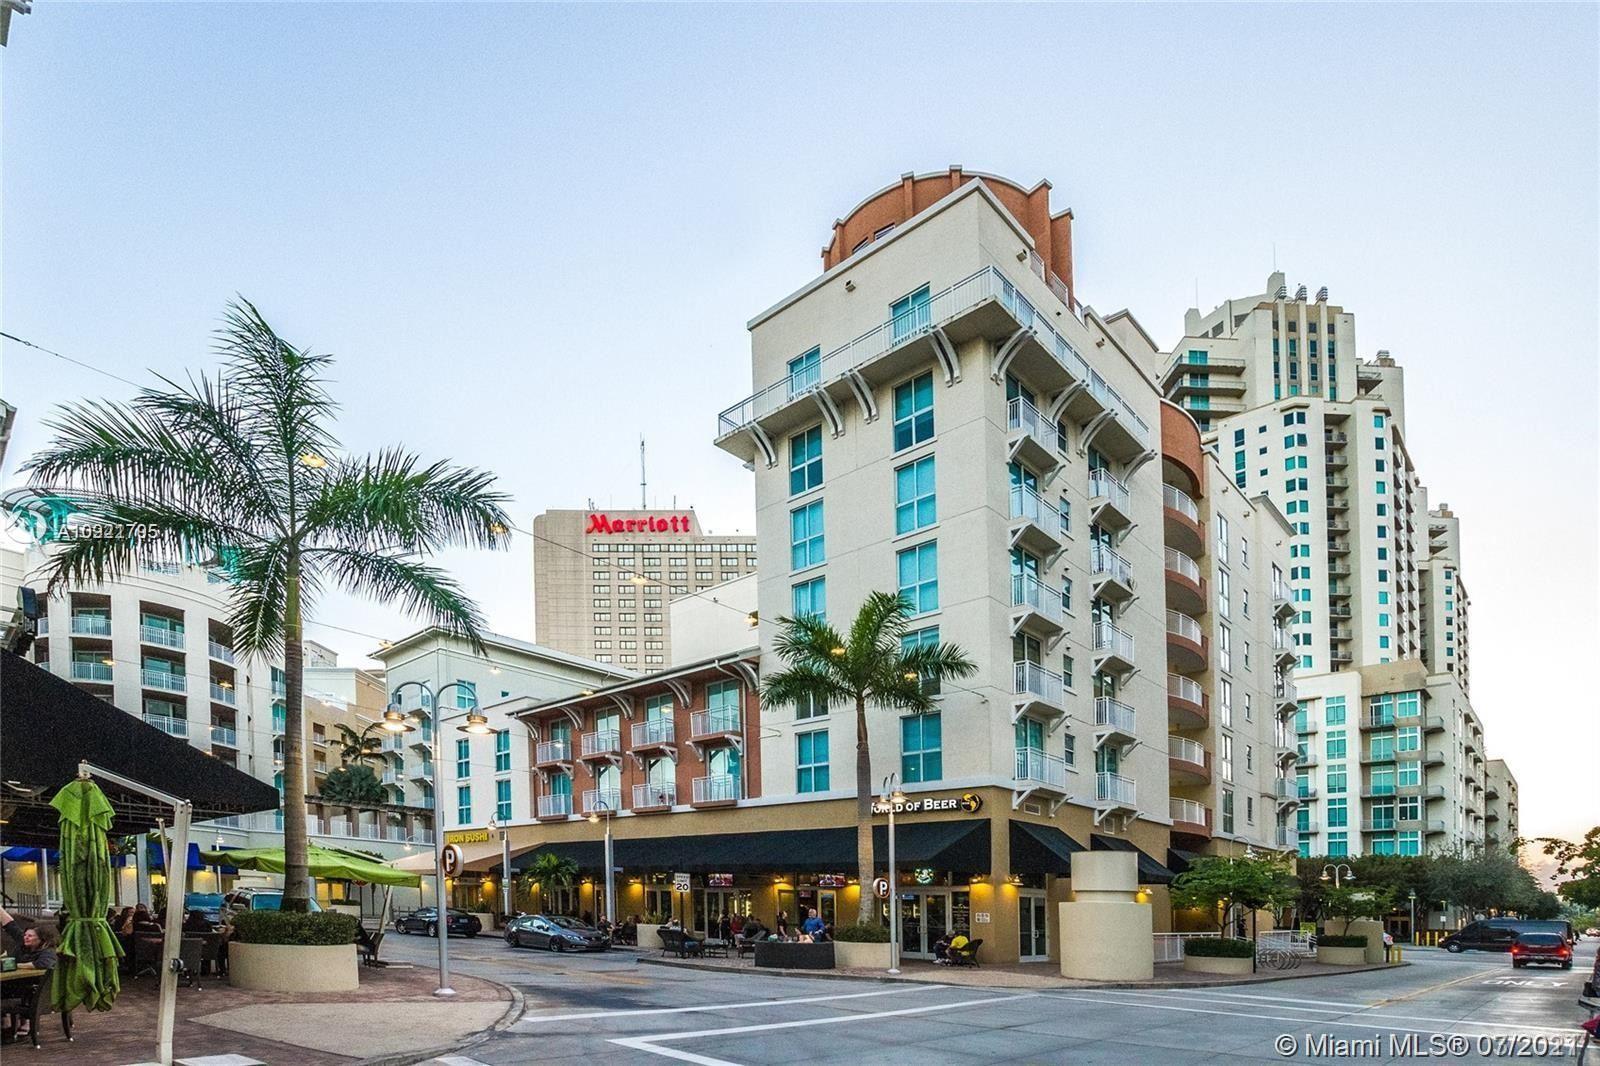 Miami, FL 33156